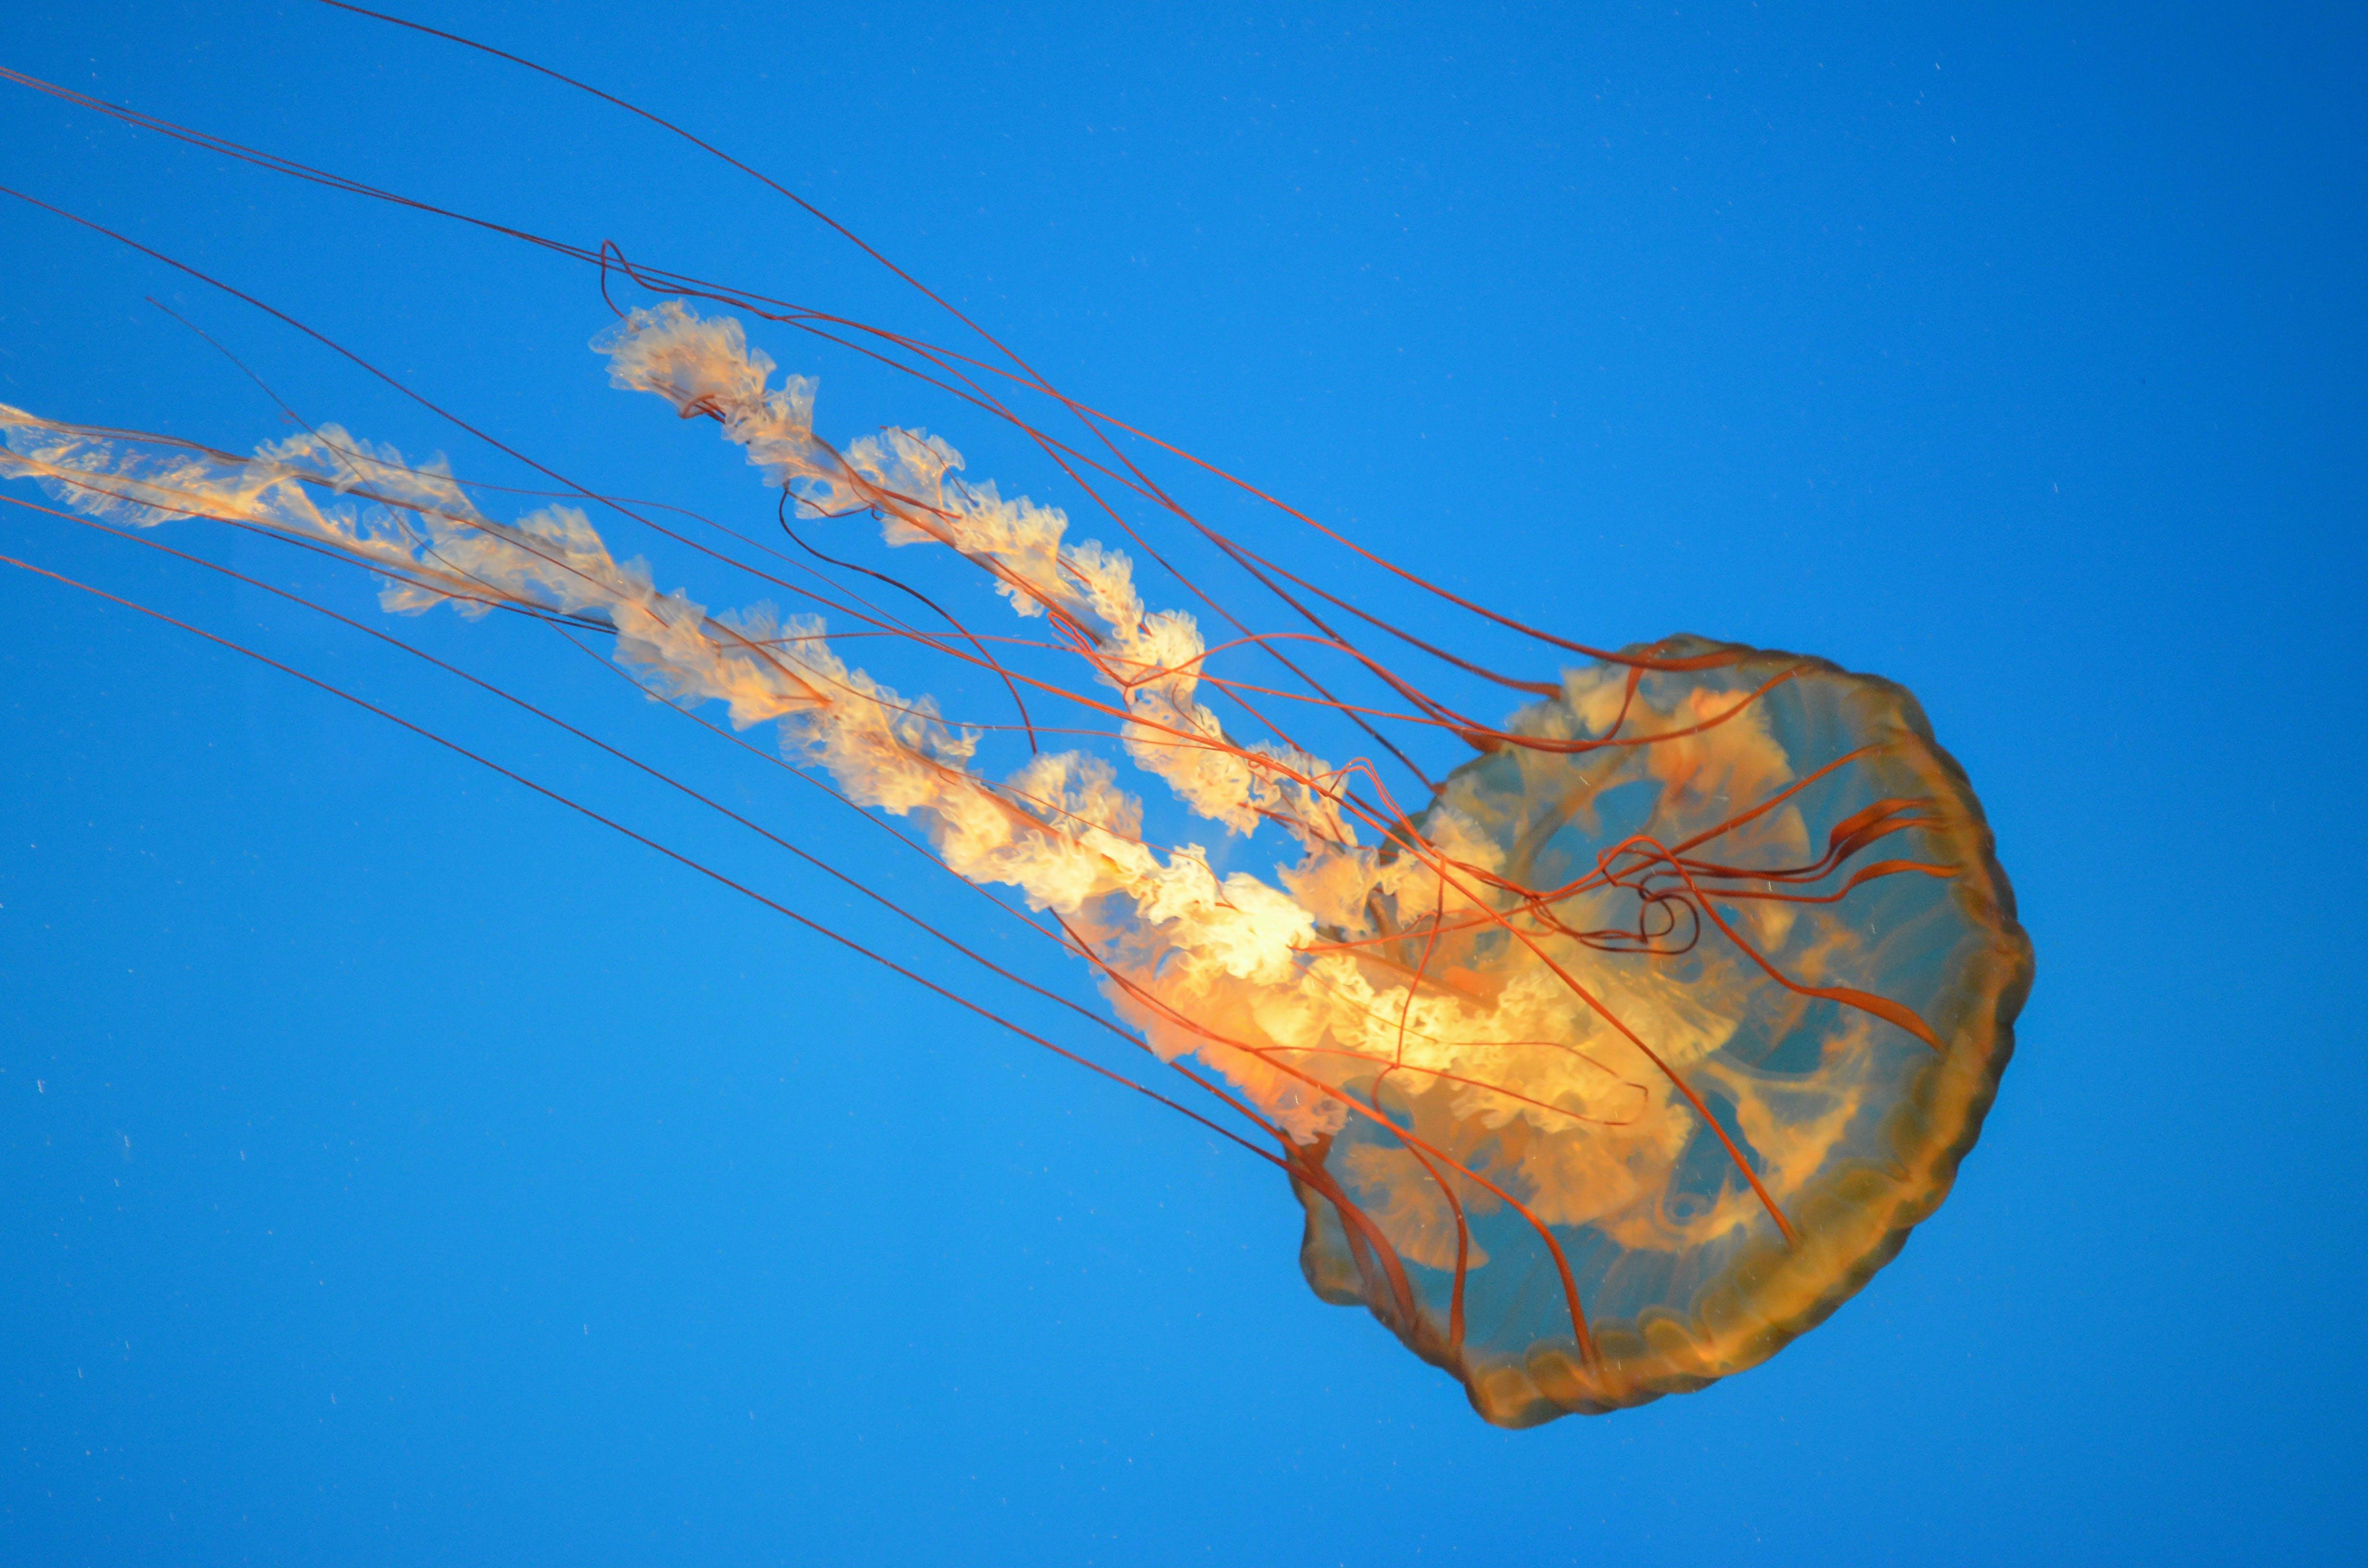 Free stock photo of jellyfish